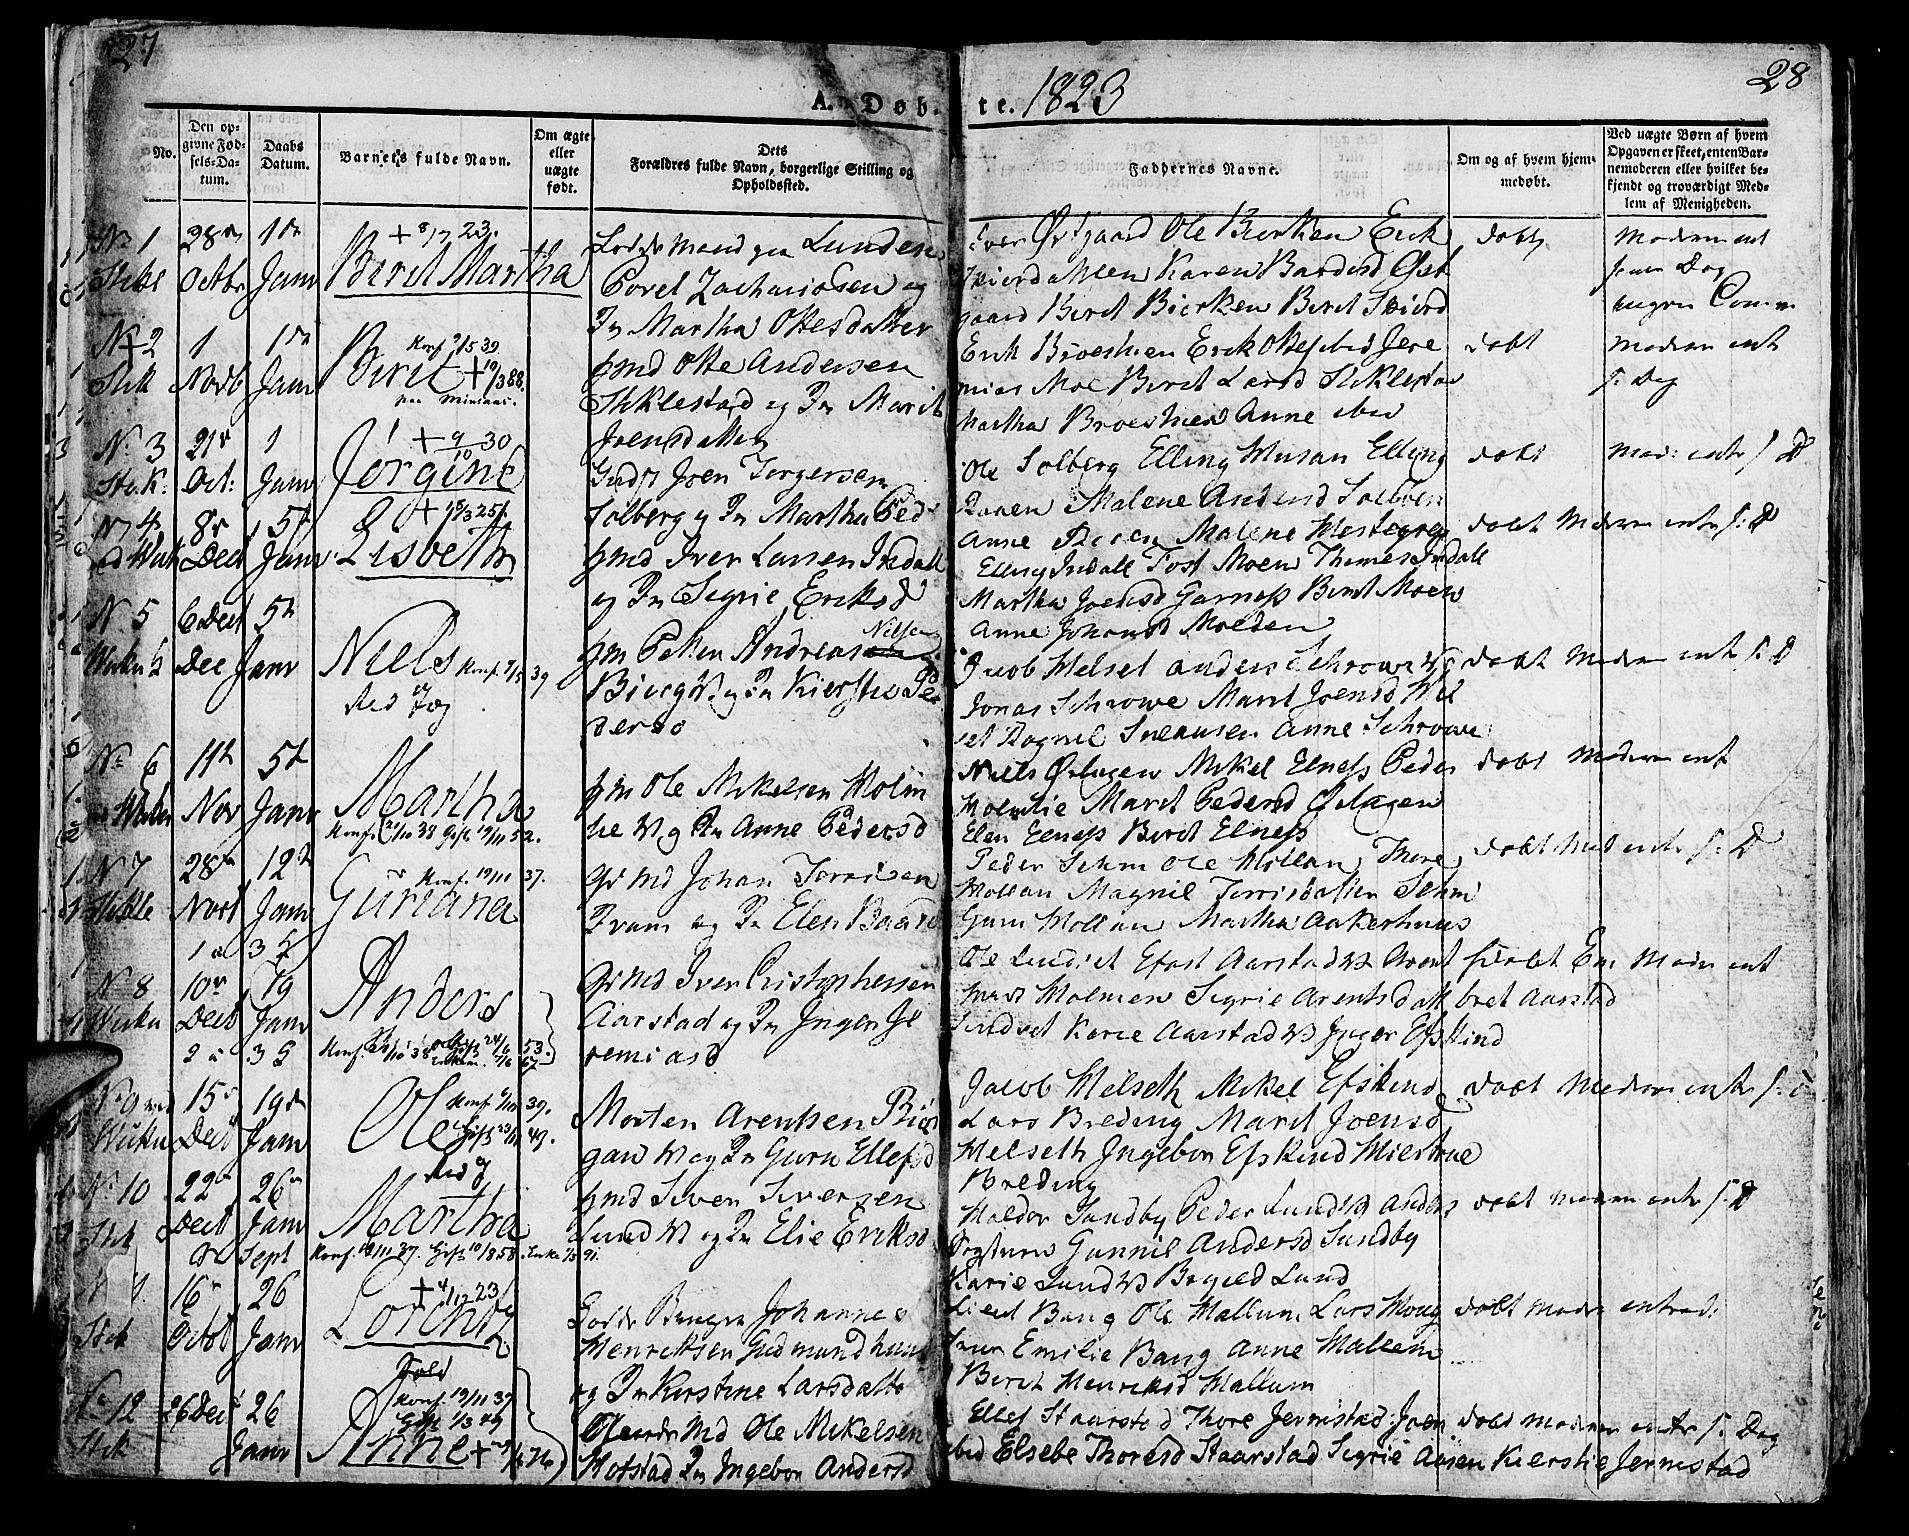 SAT, Ministerialprotokoller, klokkerbøker og fødselsregistre - Nord-Trøndelag, 723/L0237: Ministerialbok nr. 723A06, 1822-1830, s. 27-28